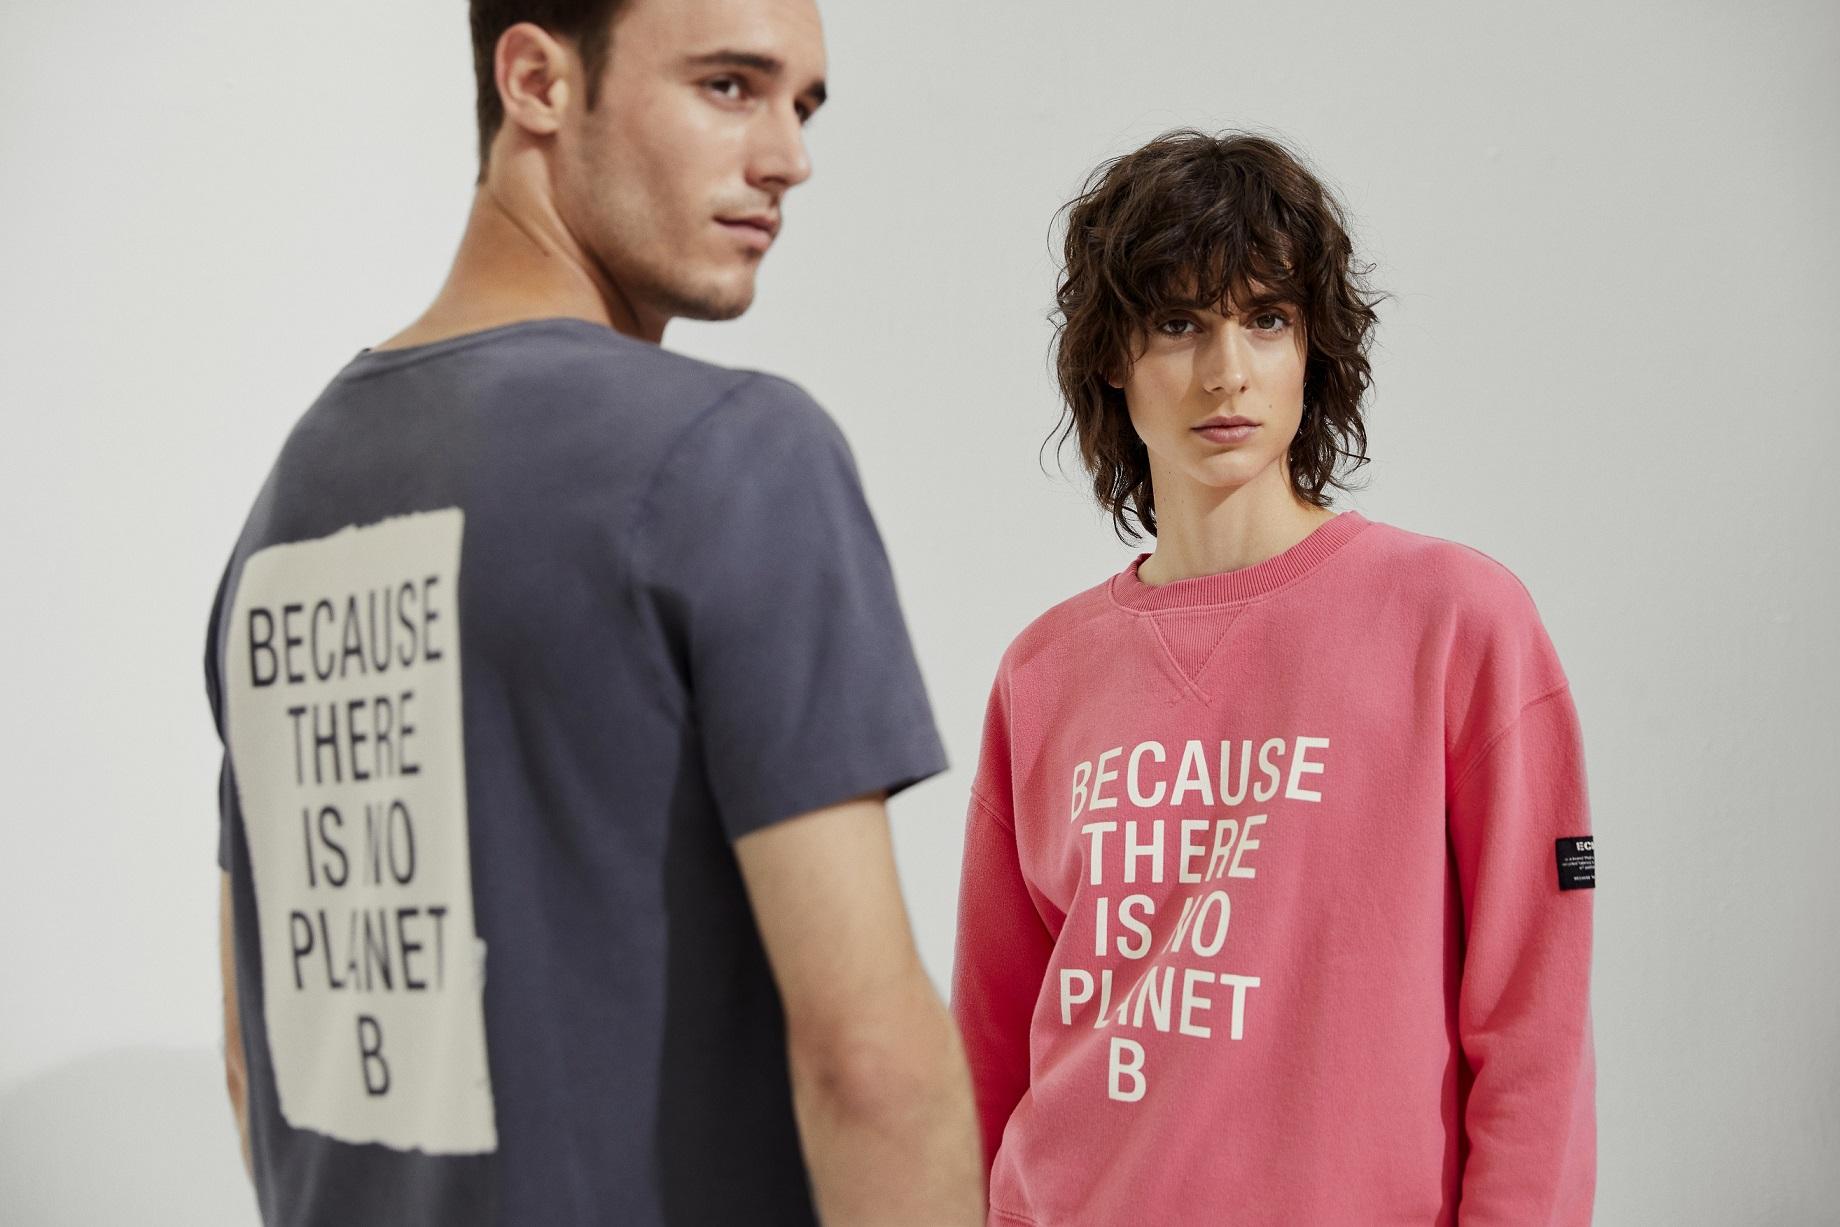 スペイン生まれのサステナブルファッションブランド「ECOALF」が2月17日より銀座三越でポップアップストアとエキシビションを開催